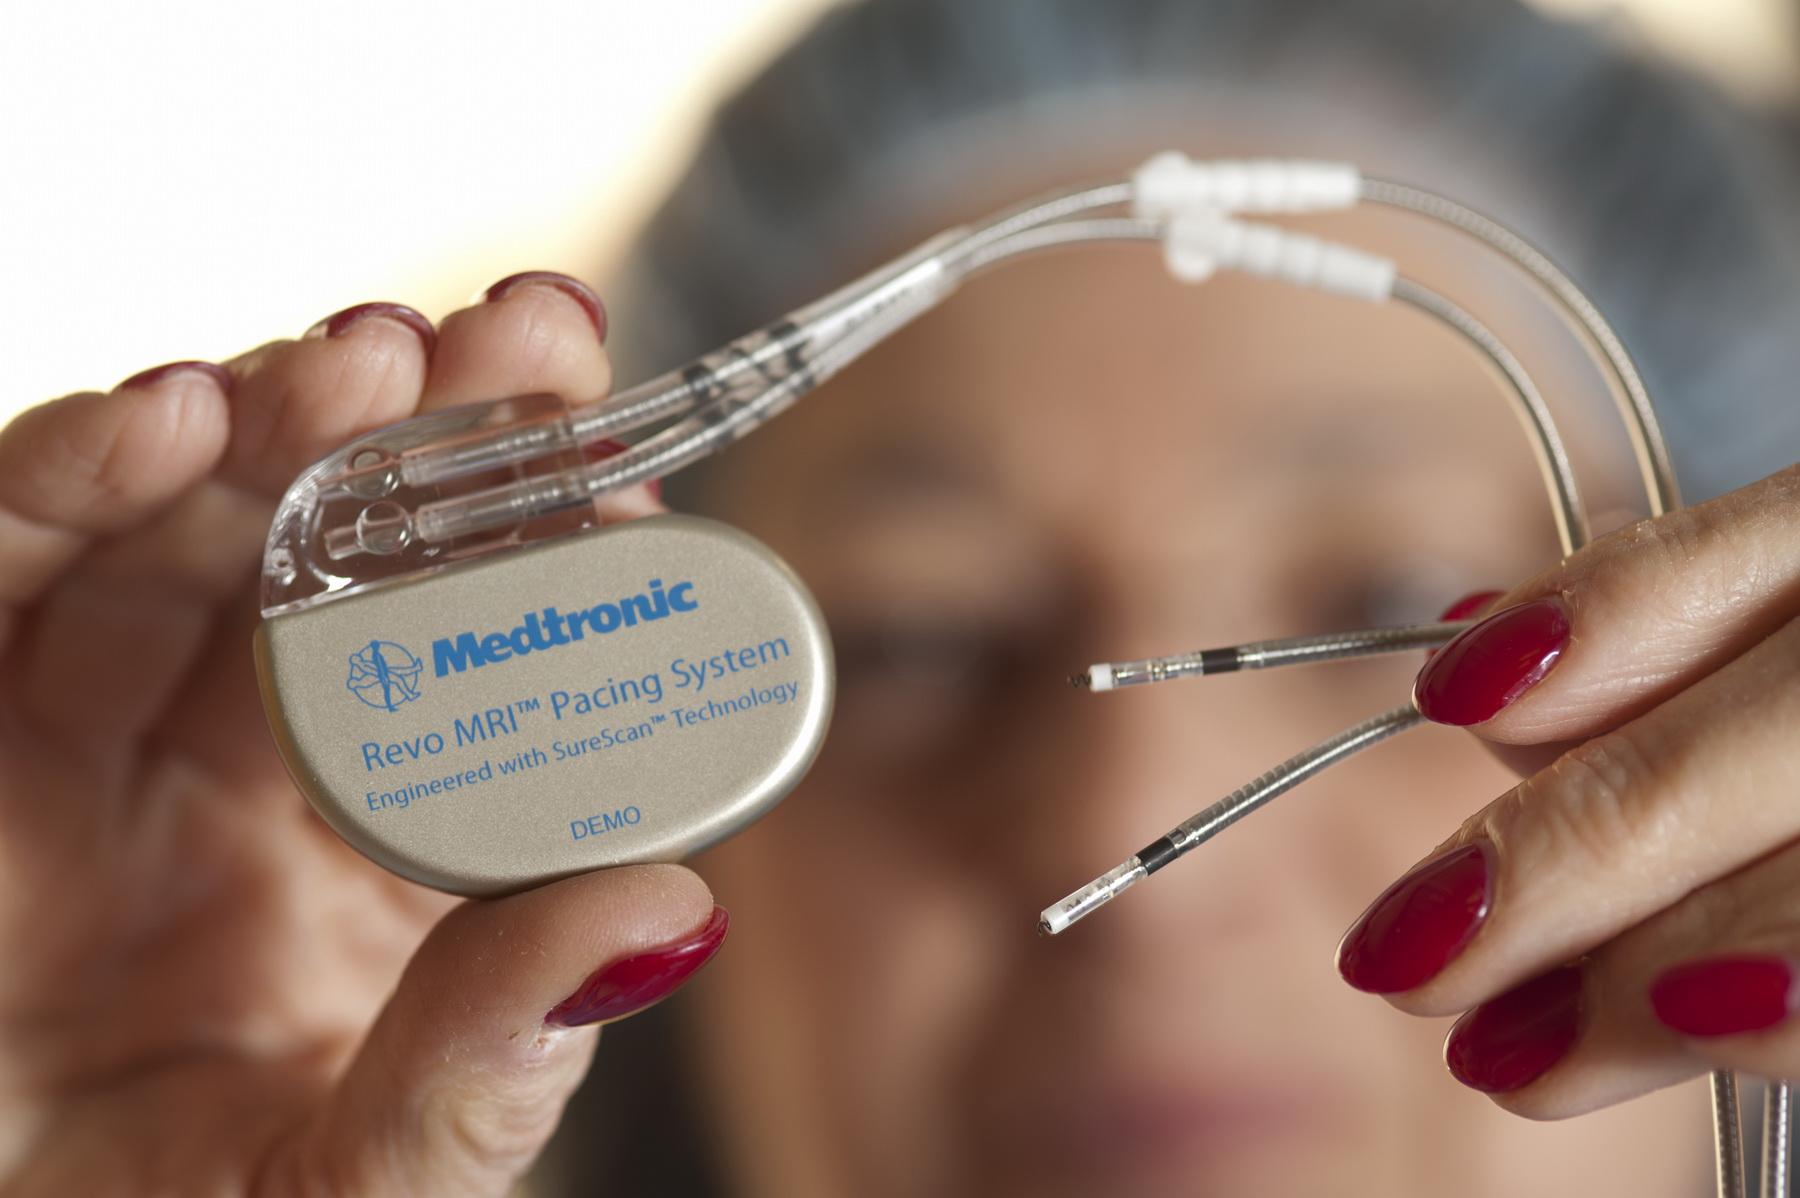 В кардиостимуляторах Medtronic нашли уязвимости, потенциально опасные для жизни их владельцев